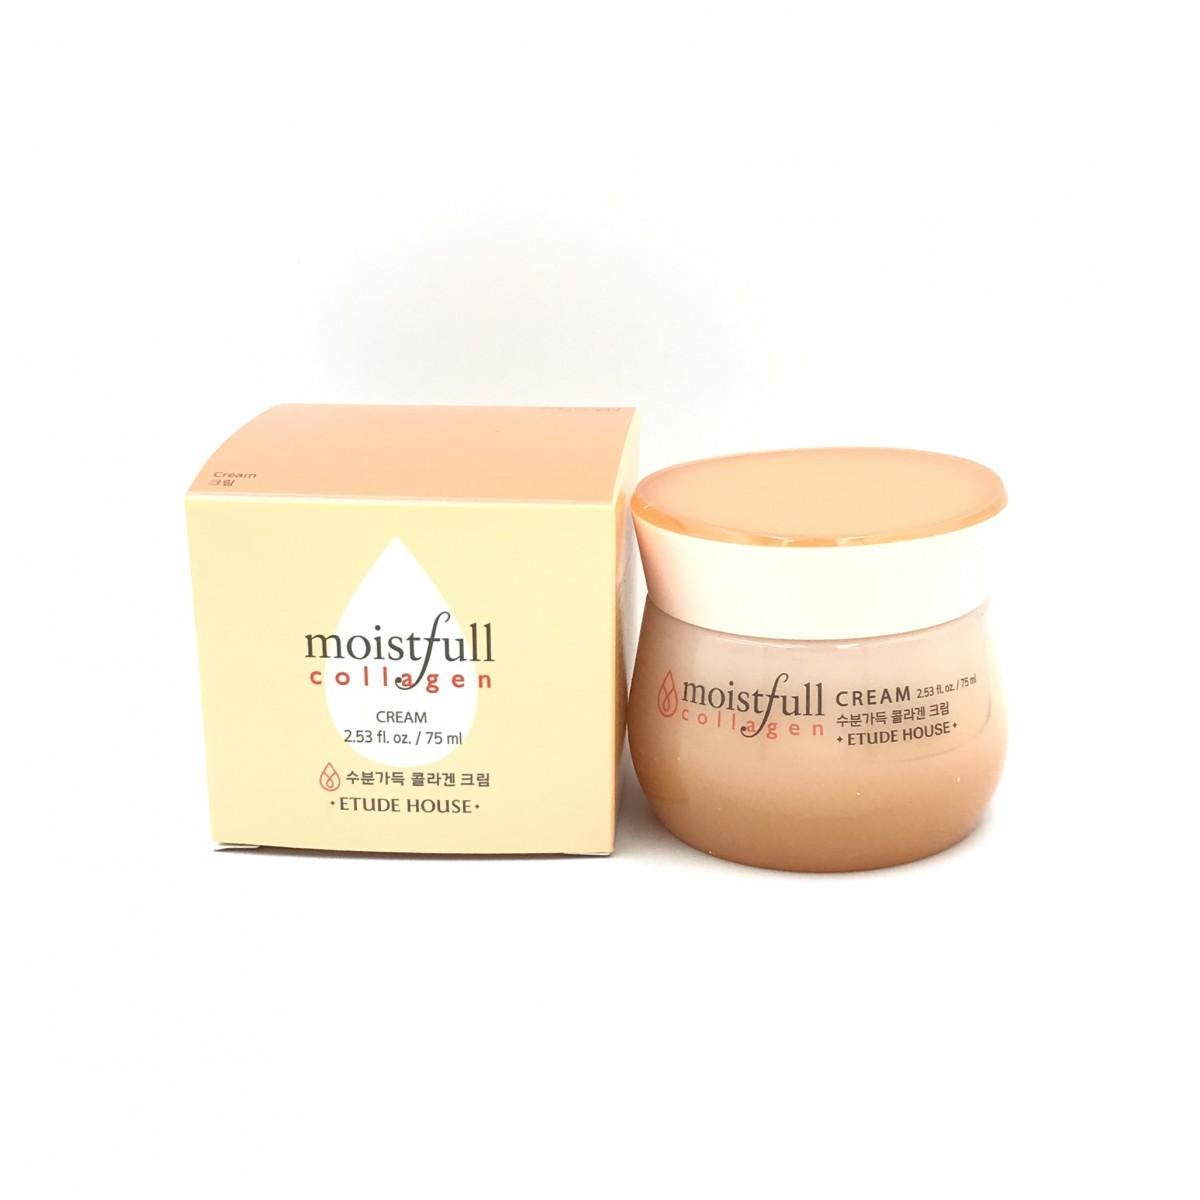 Омолаживающий крем для лица с коллагеном Etude House Moistfull Collagen Cream - 75 мл